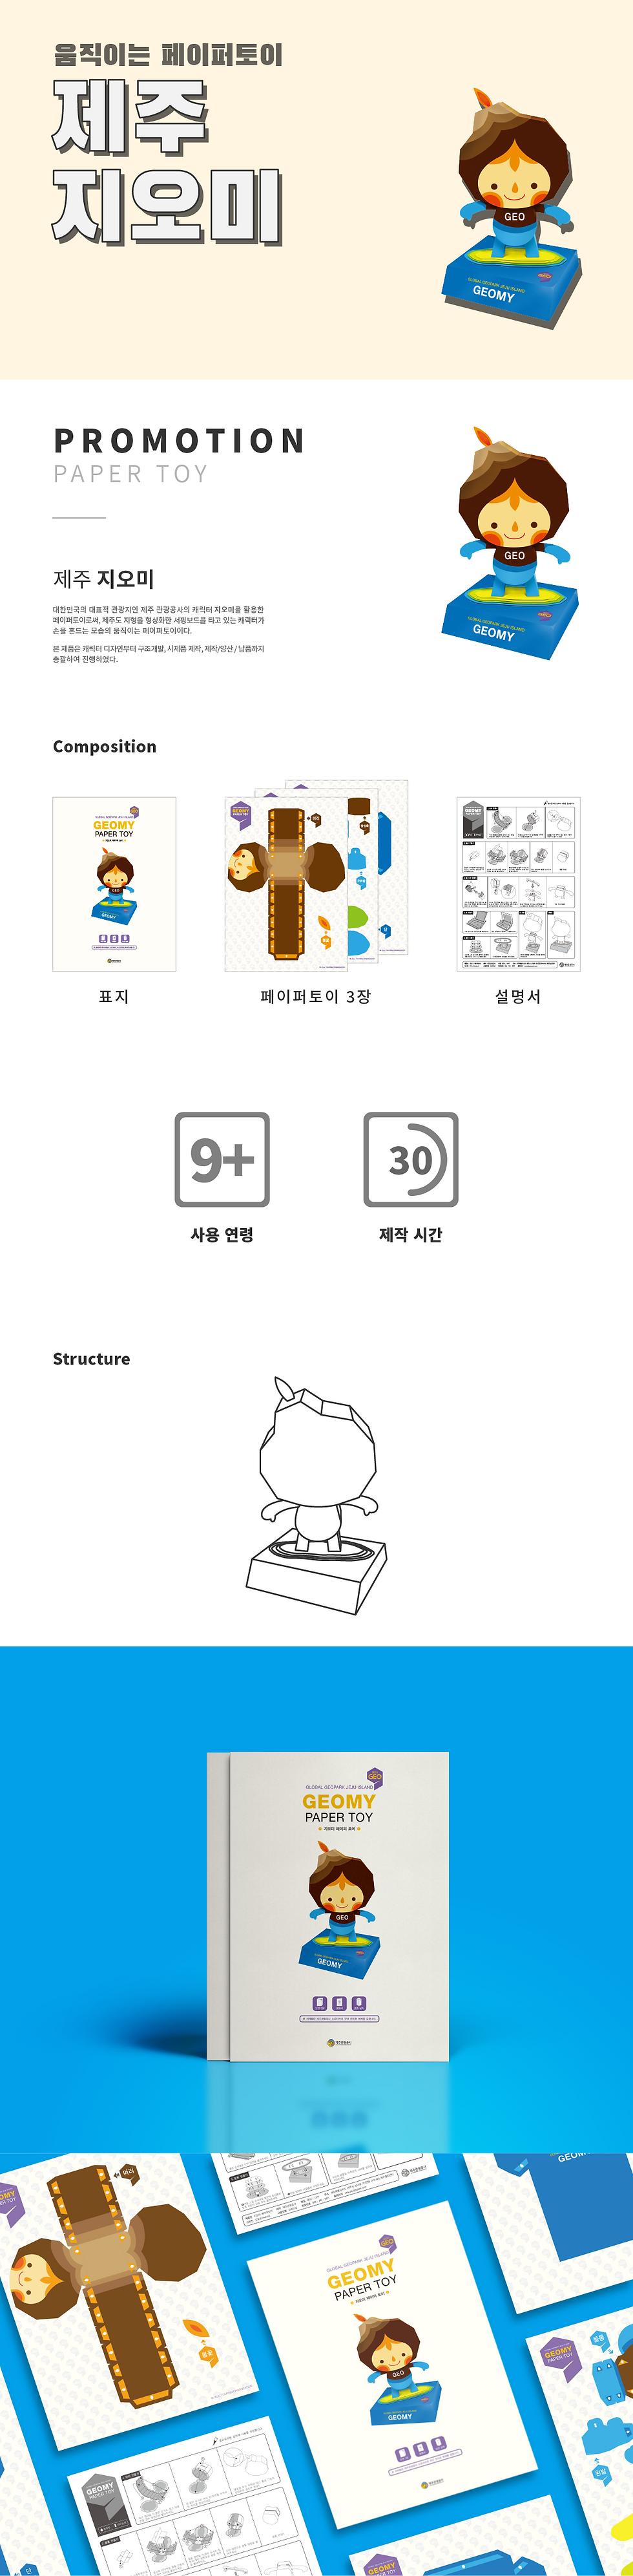 02-08. [2014] 제주 지오미_상세페이지.png